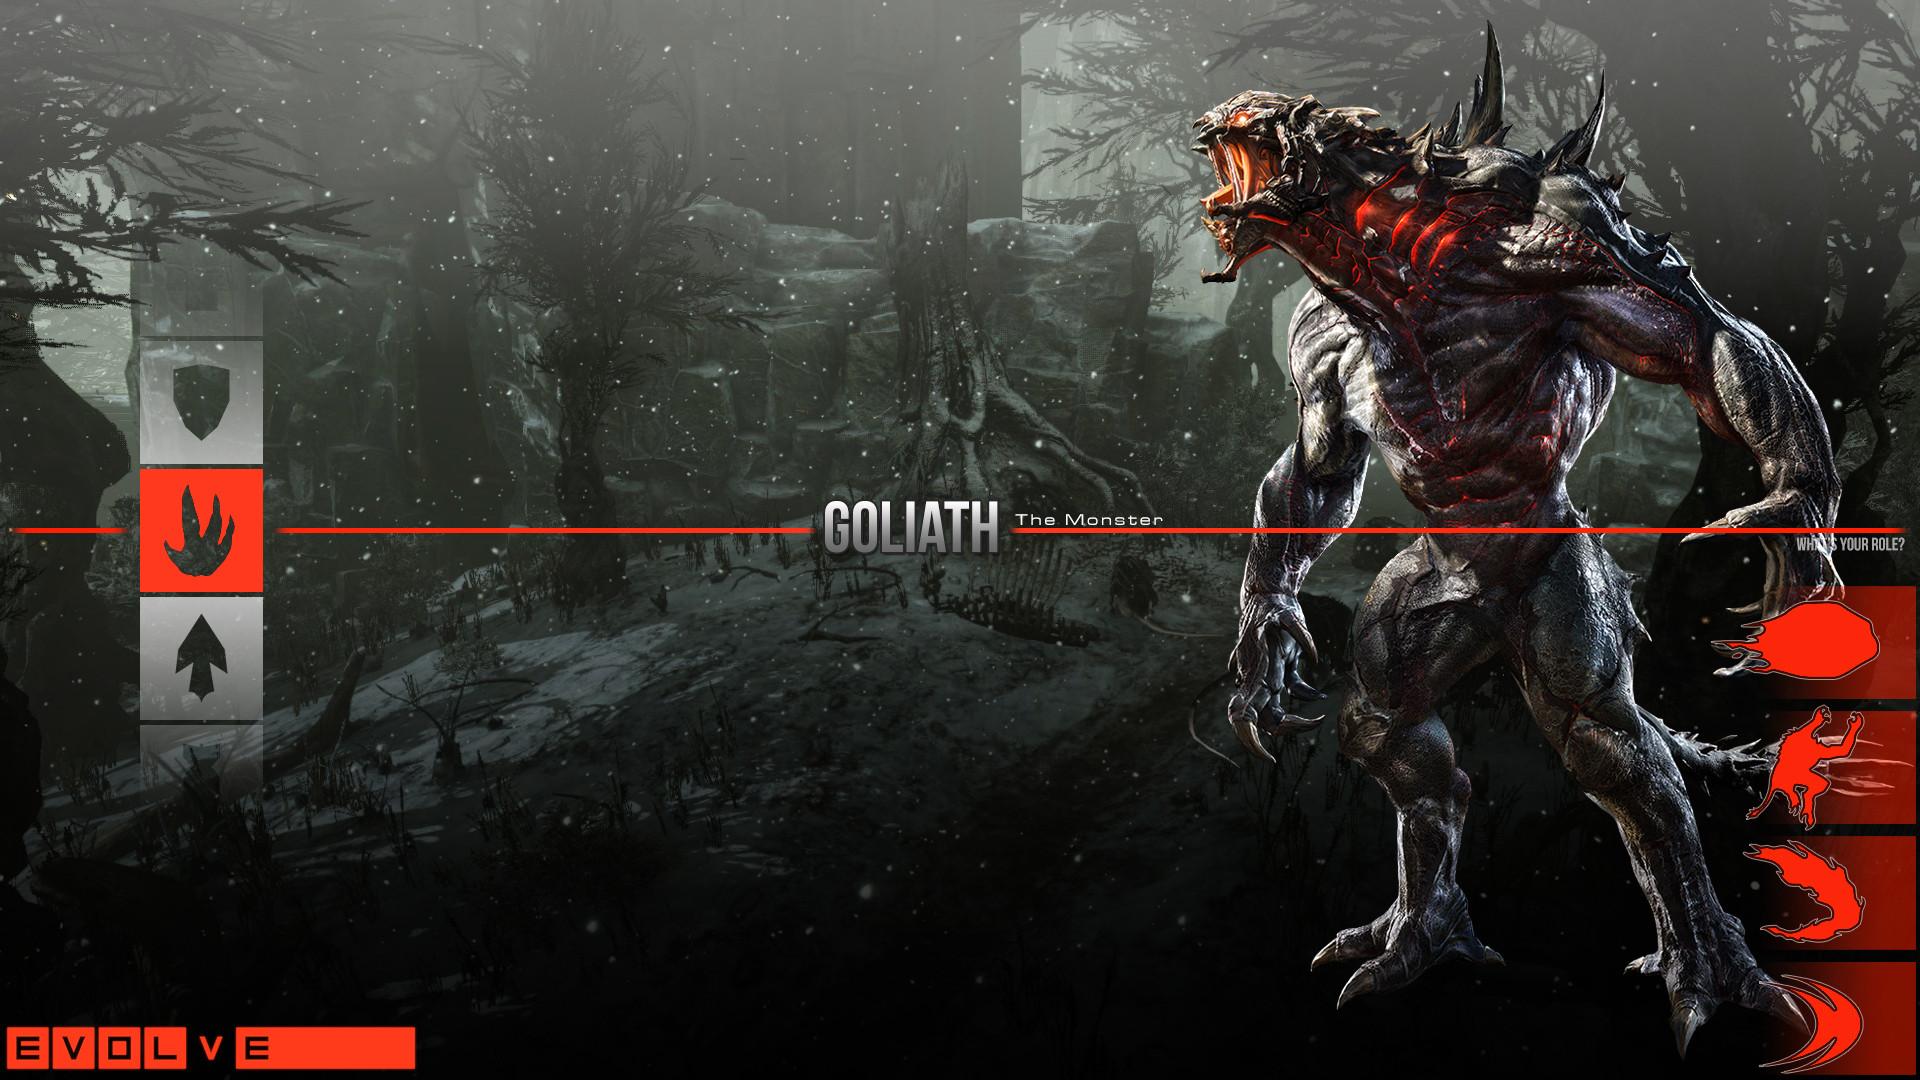 Обои Evolve, монстр, turtle rockstudios, 2k games, goliath, голиаф. Игры foto 19